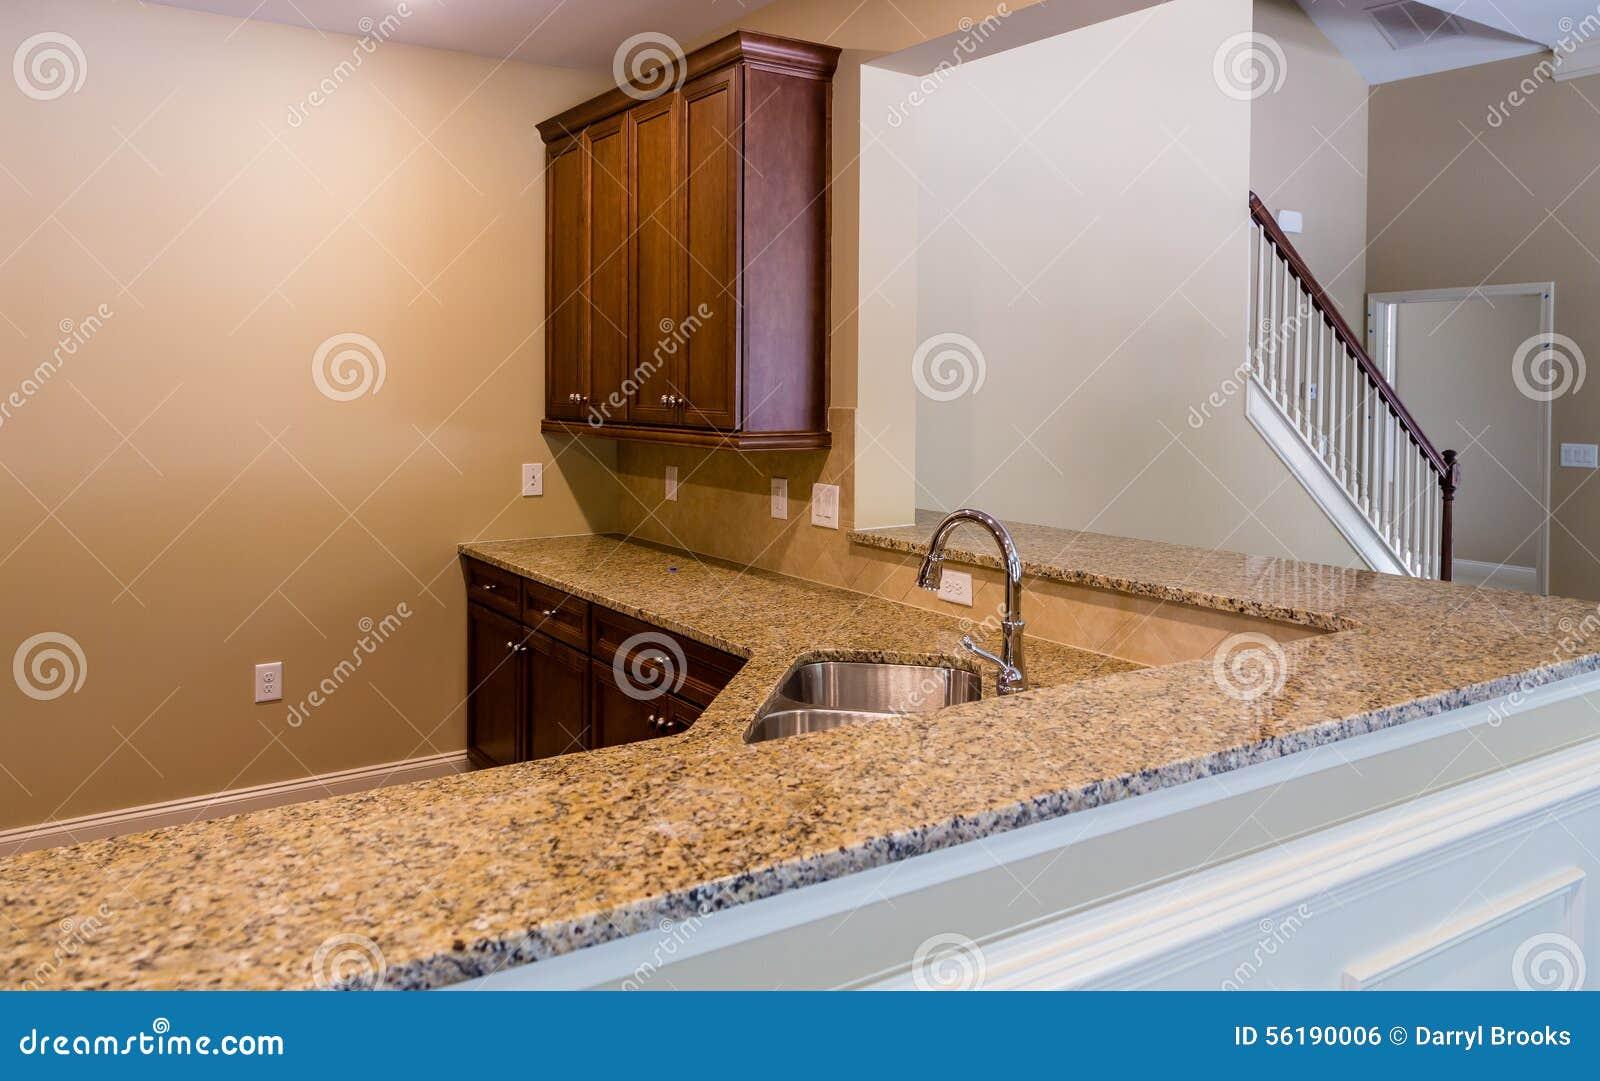 Bancadas do granito em uma cozinha agradável em uma casa nova. #39190A 1300 895